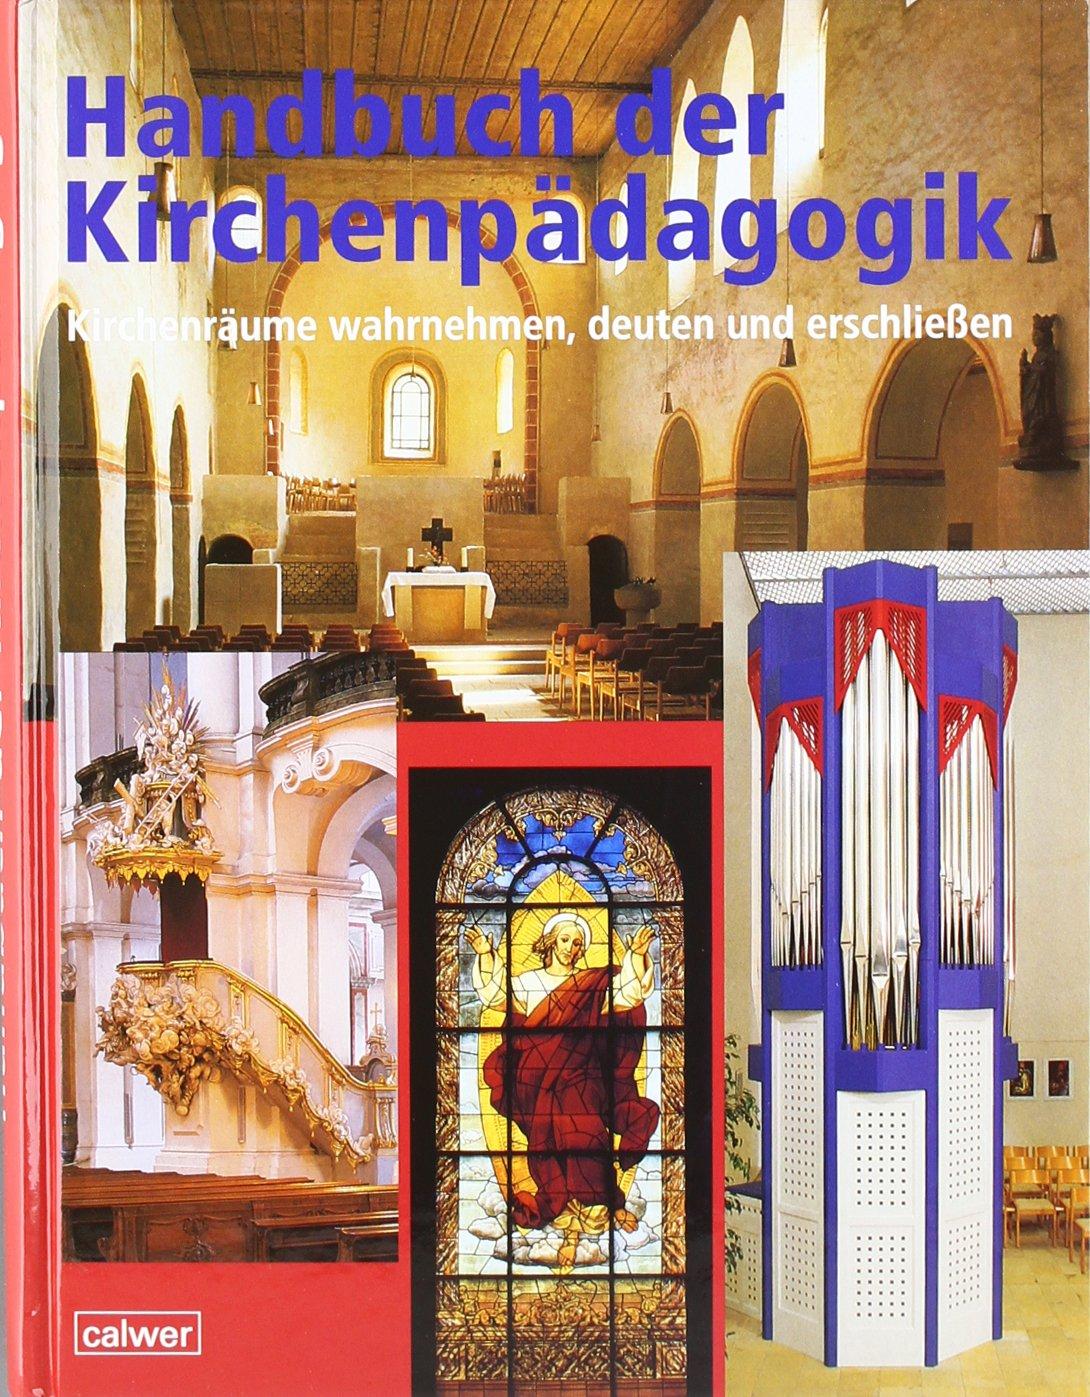 Handbuch der Kirchenpädagogik: Kirchenräume wahrnehmen, deuten und erschliessen